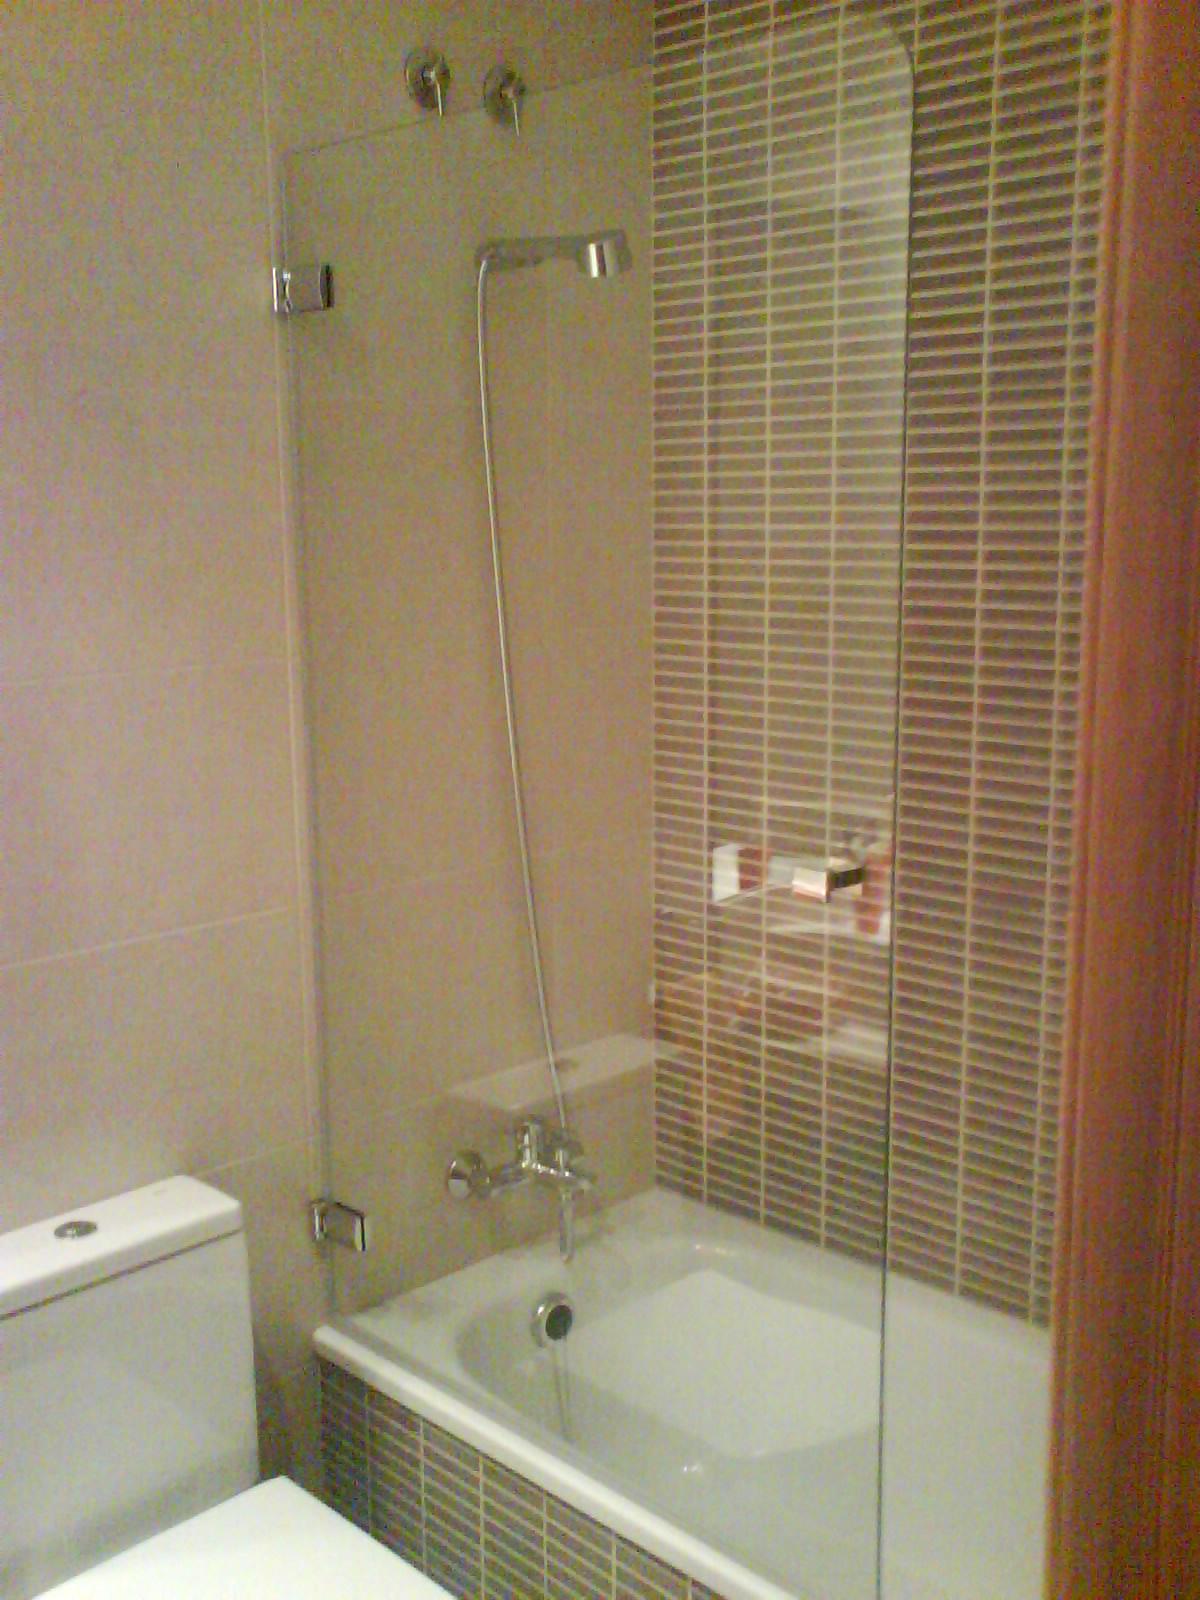 Mamparas Para Baño De Acero Inoxidable:de mamparas de baño y ducha con vidrio templado y acero inoxidable en